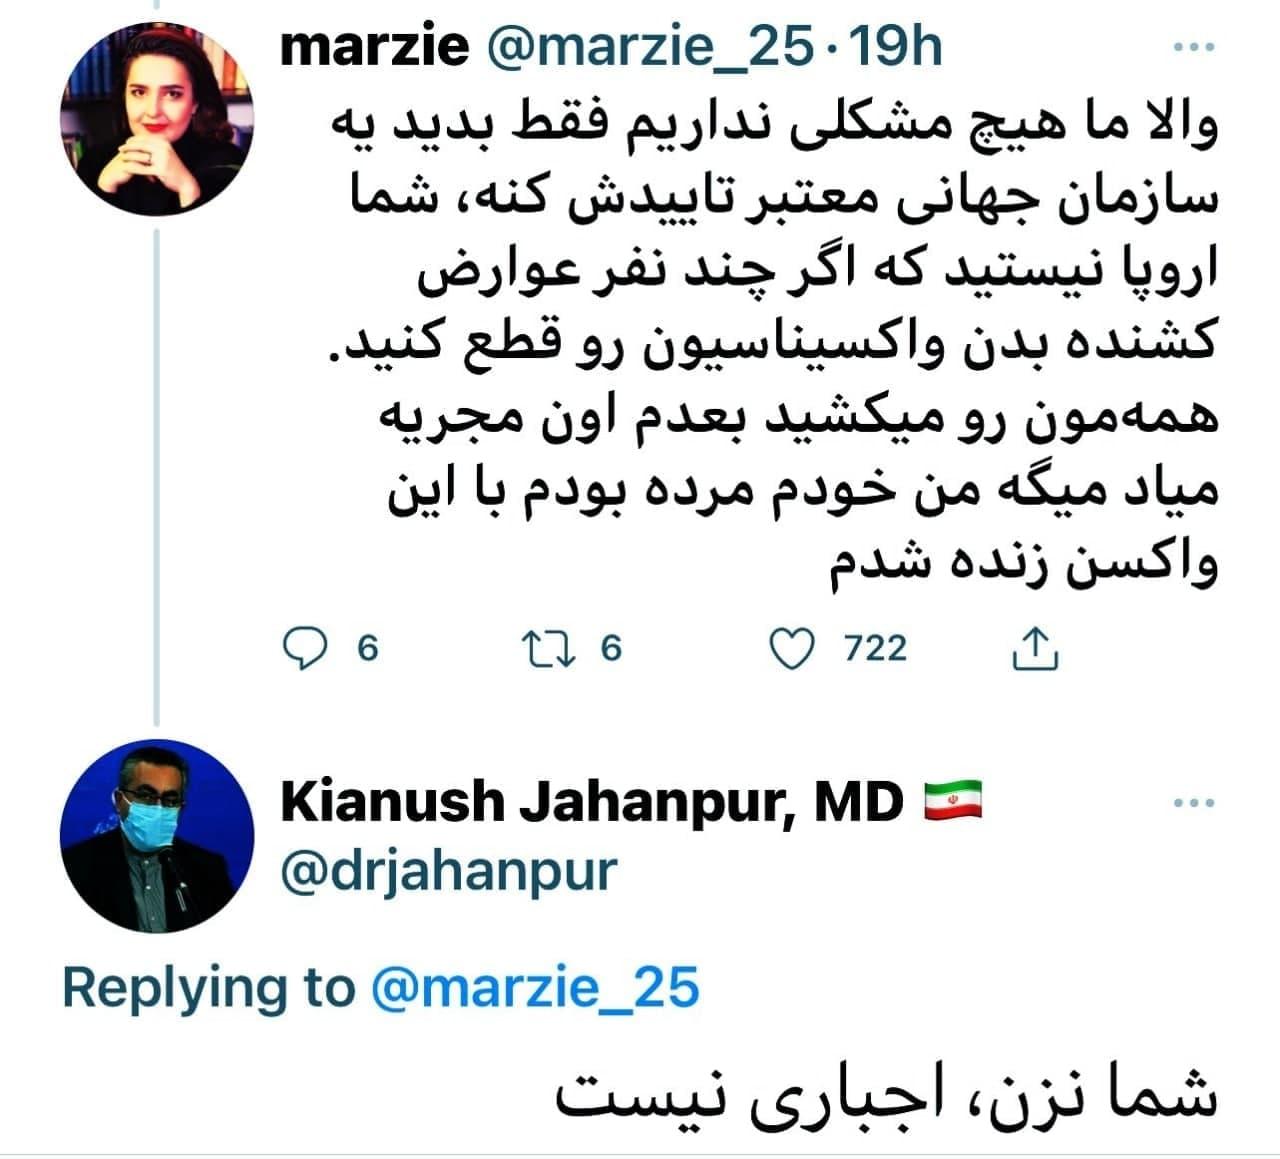 نگرانی از روند واکسیناسیون کرونا در ایران؛ 'شما نزن، اجباری نیست'